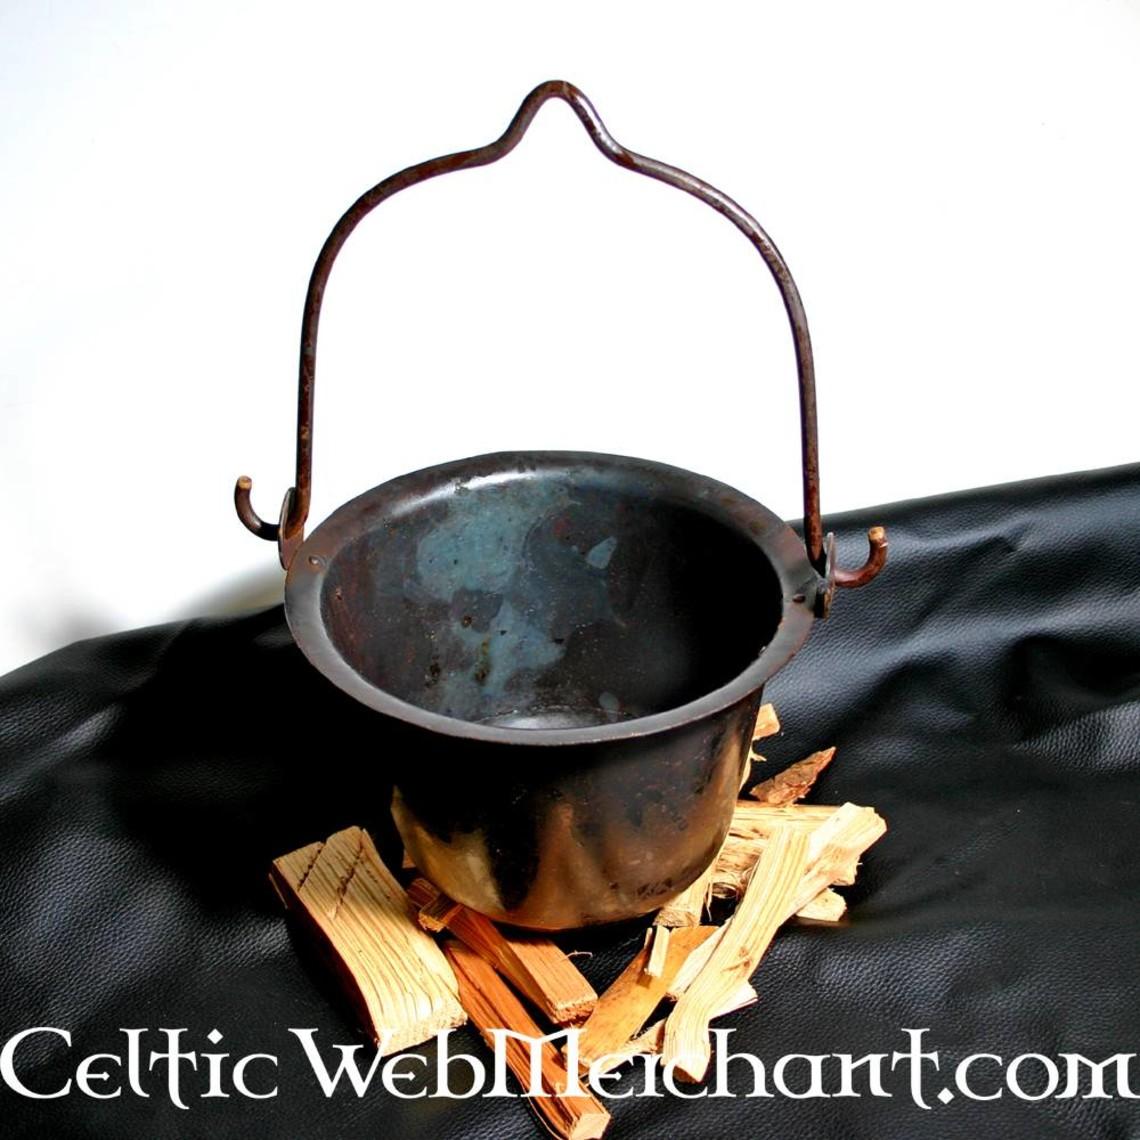 Ulfberth Mittelalterliche Kochpfanne